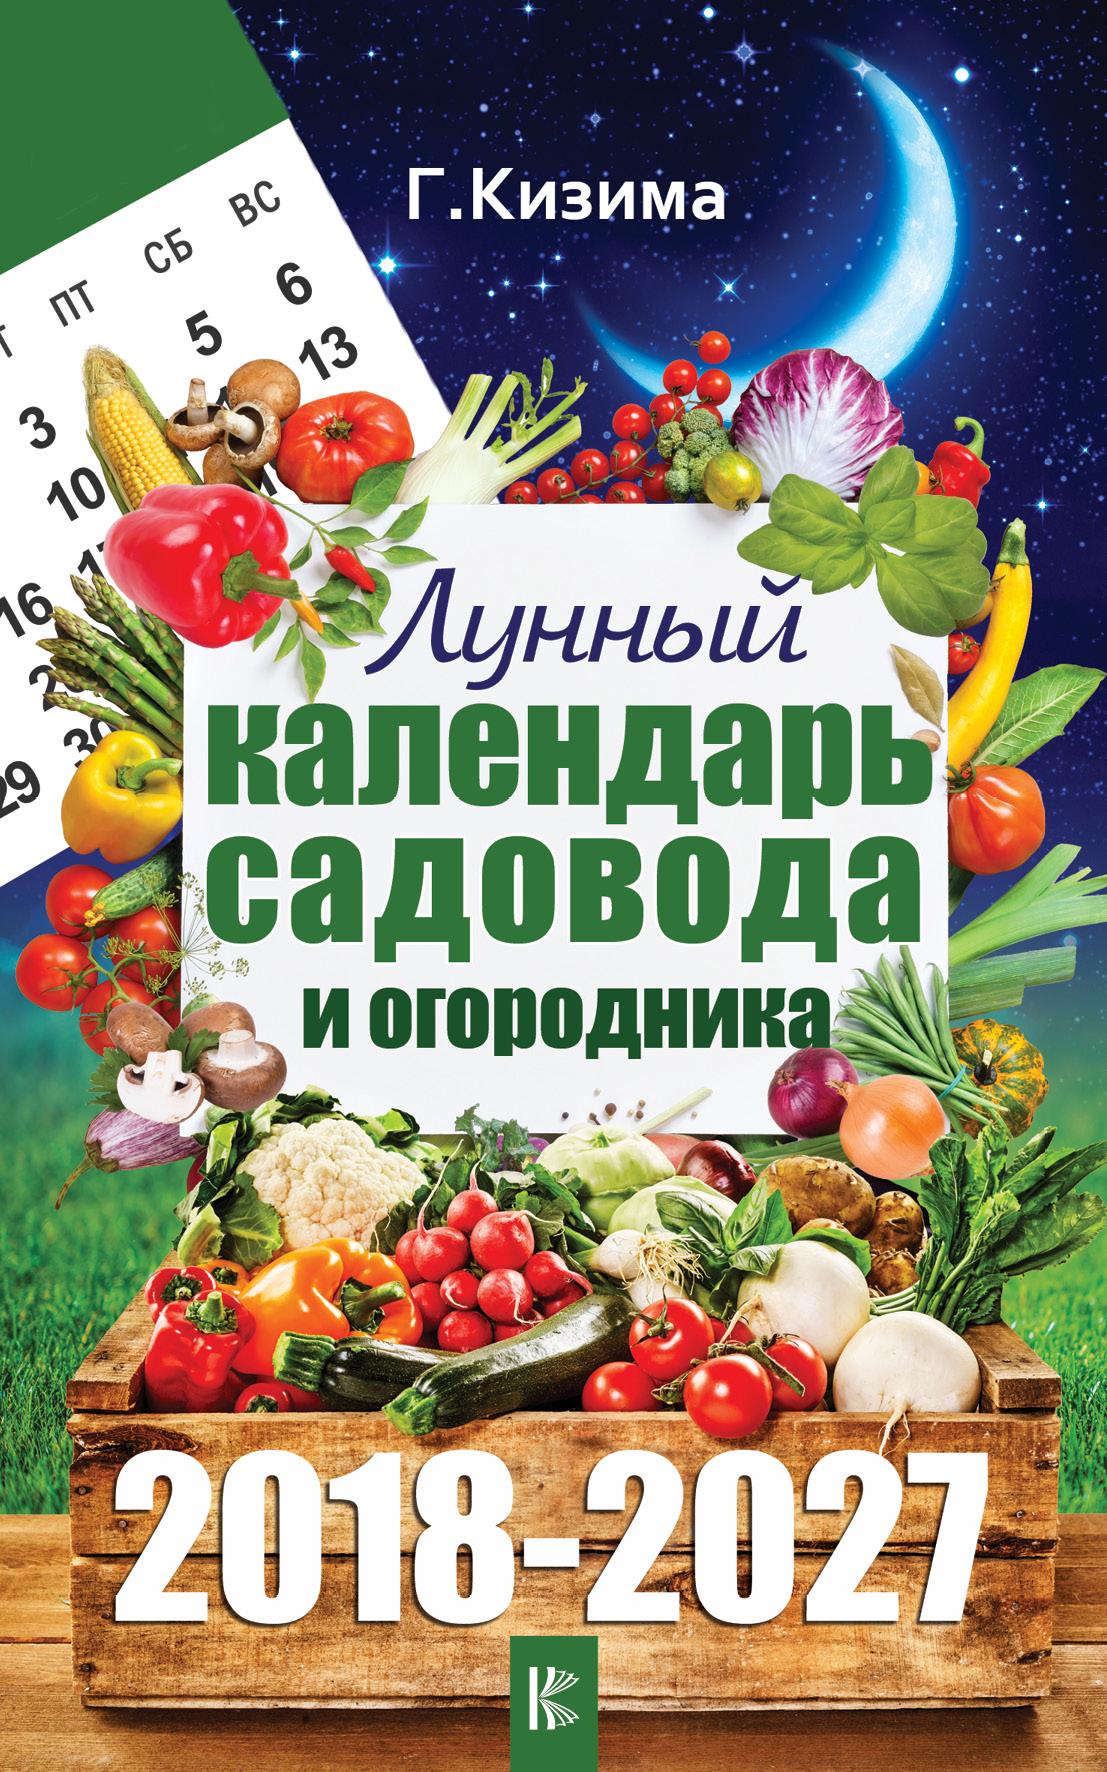 Кизима Г.А. Лунный календарь садовода и огородника на 2018-2027 гг.